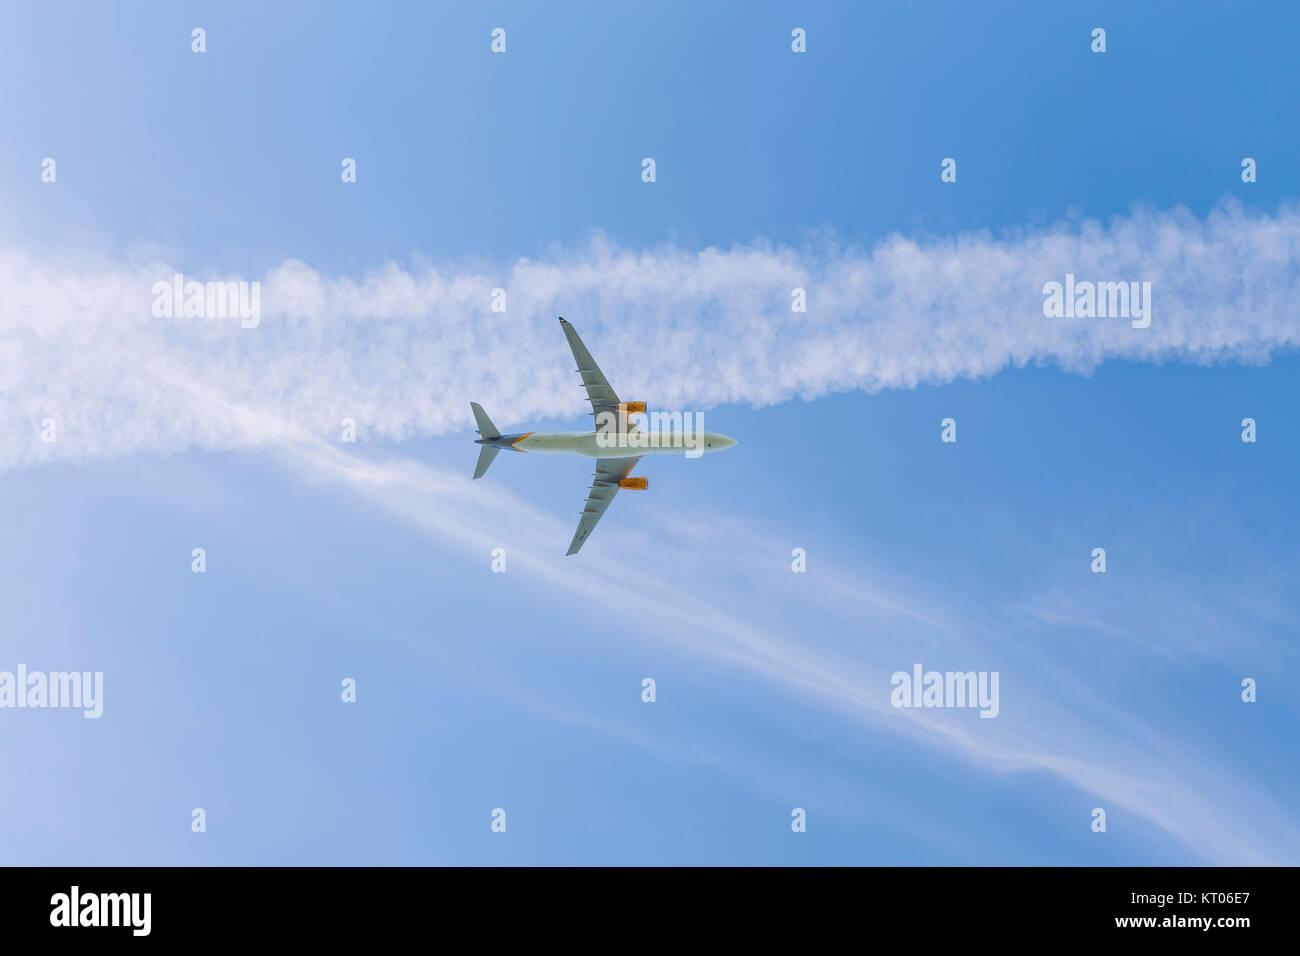 Un avion à réaction volant au-dessus d'un ciel bleu avec des traînées de vapeur Banque D'Images